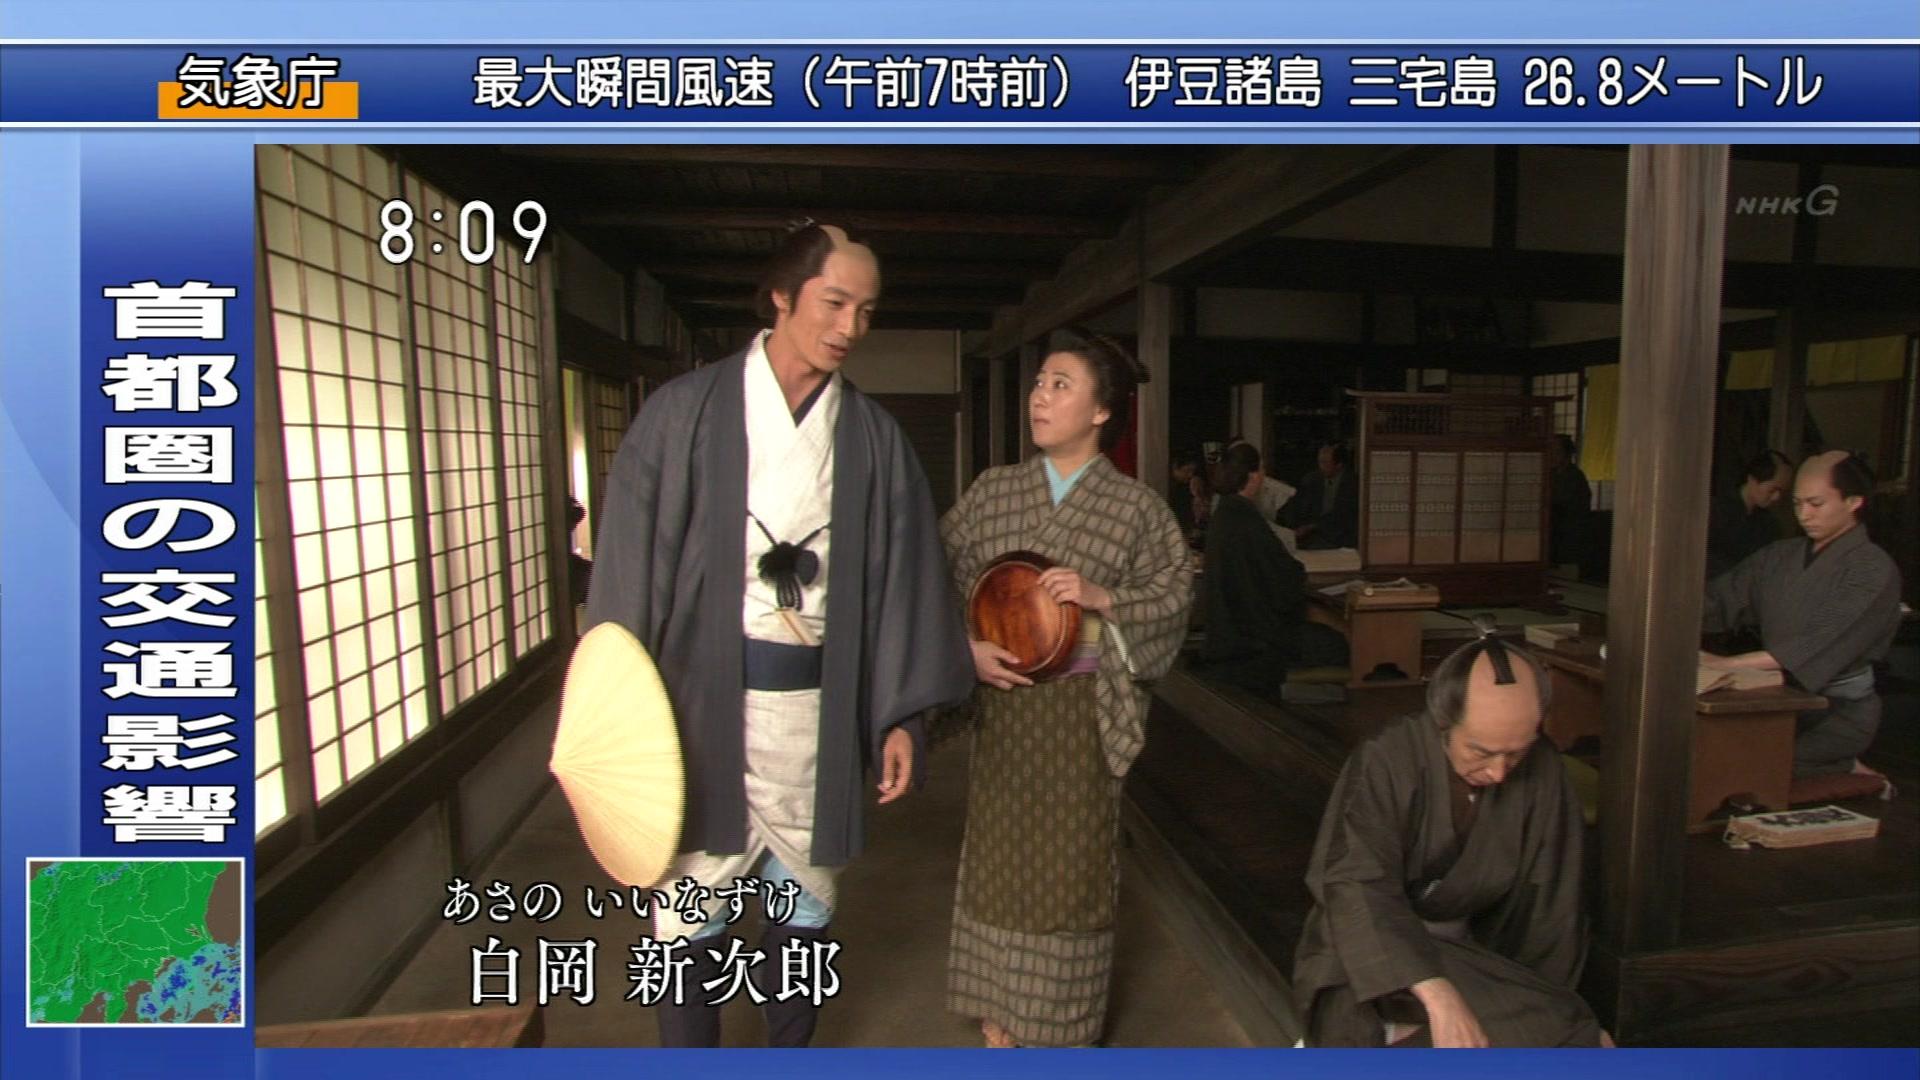 2015-10-02 08:00 連続テレビ小説 あさが来た(5)「小さな許嫁(いいなずけ)」 1781